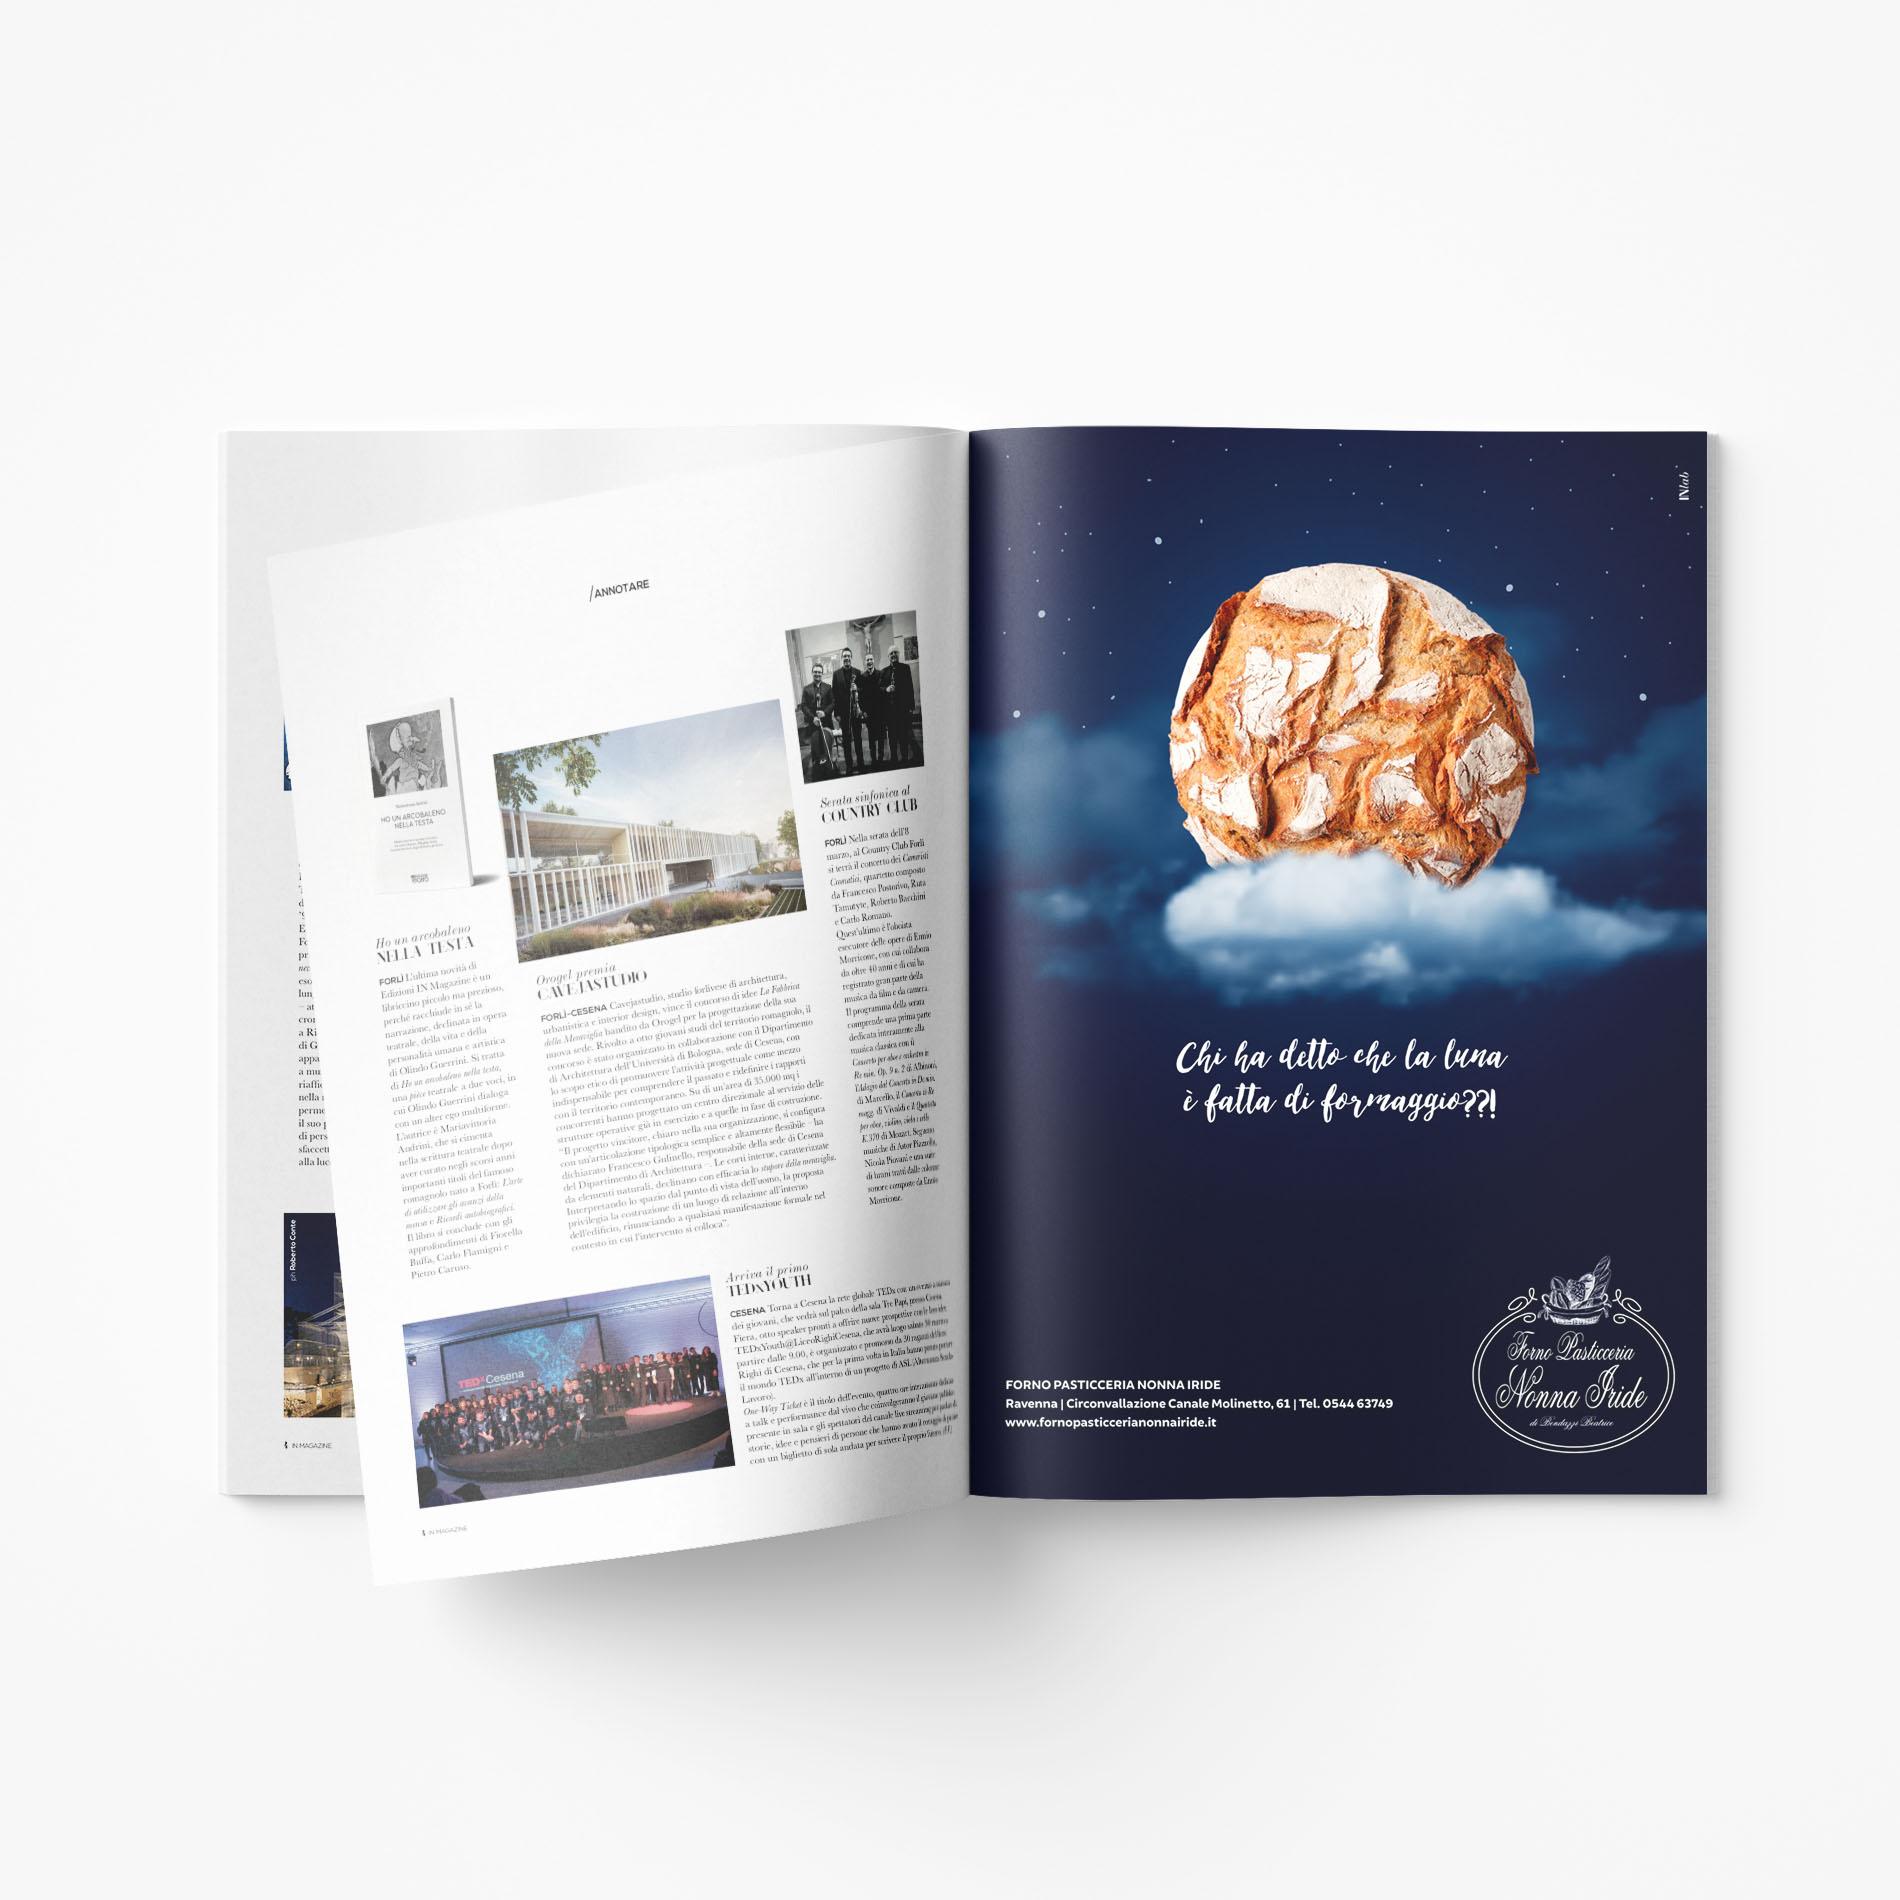 pagina-ADV-3-forno-pasticceria-nonna-iride-ravenna-inmagazine